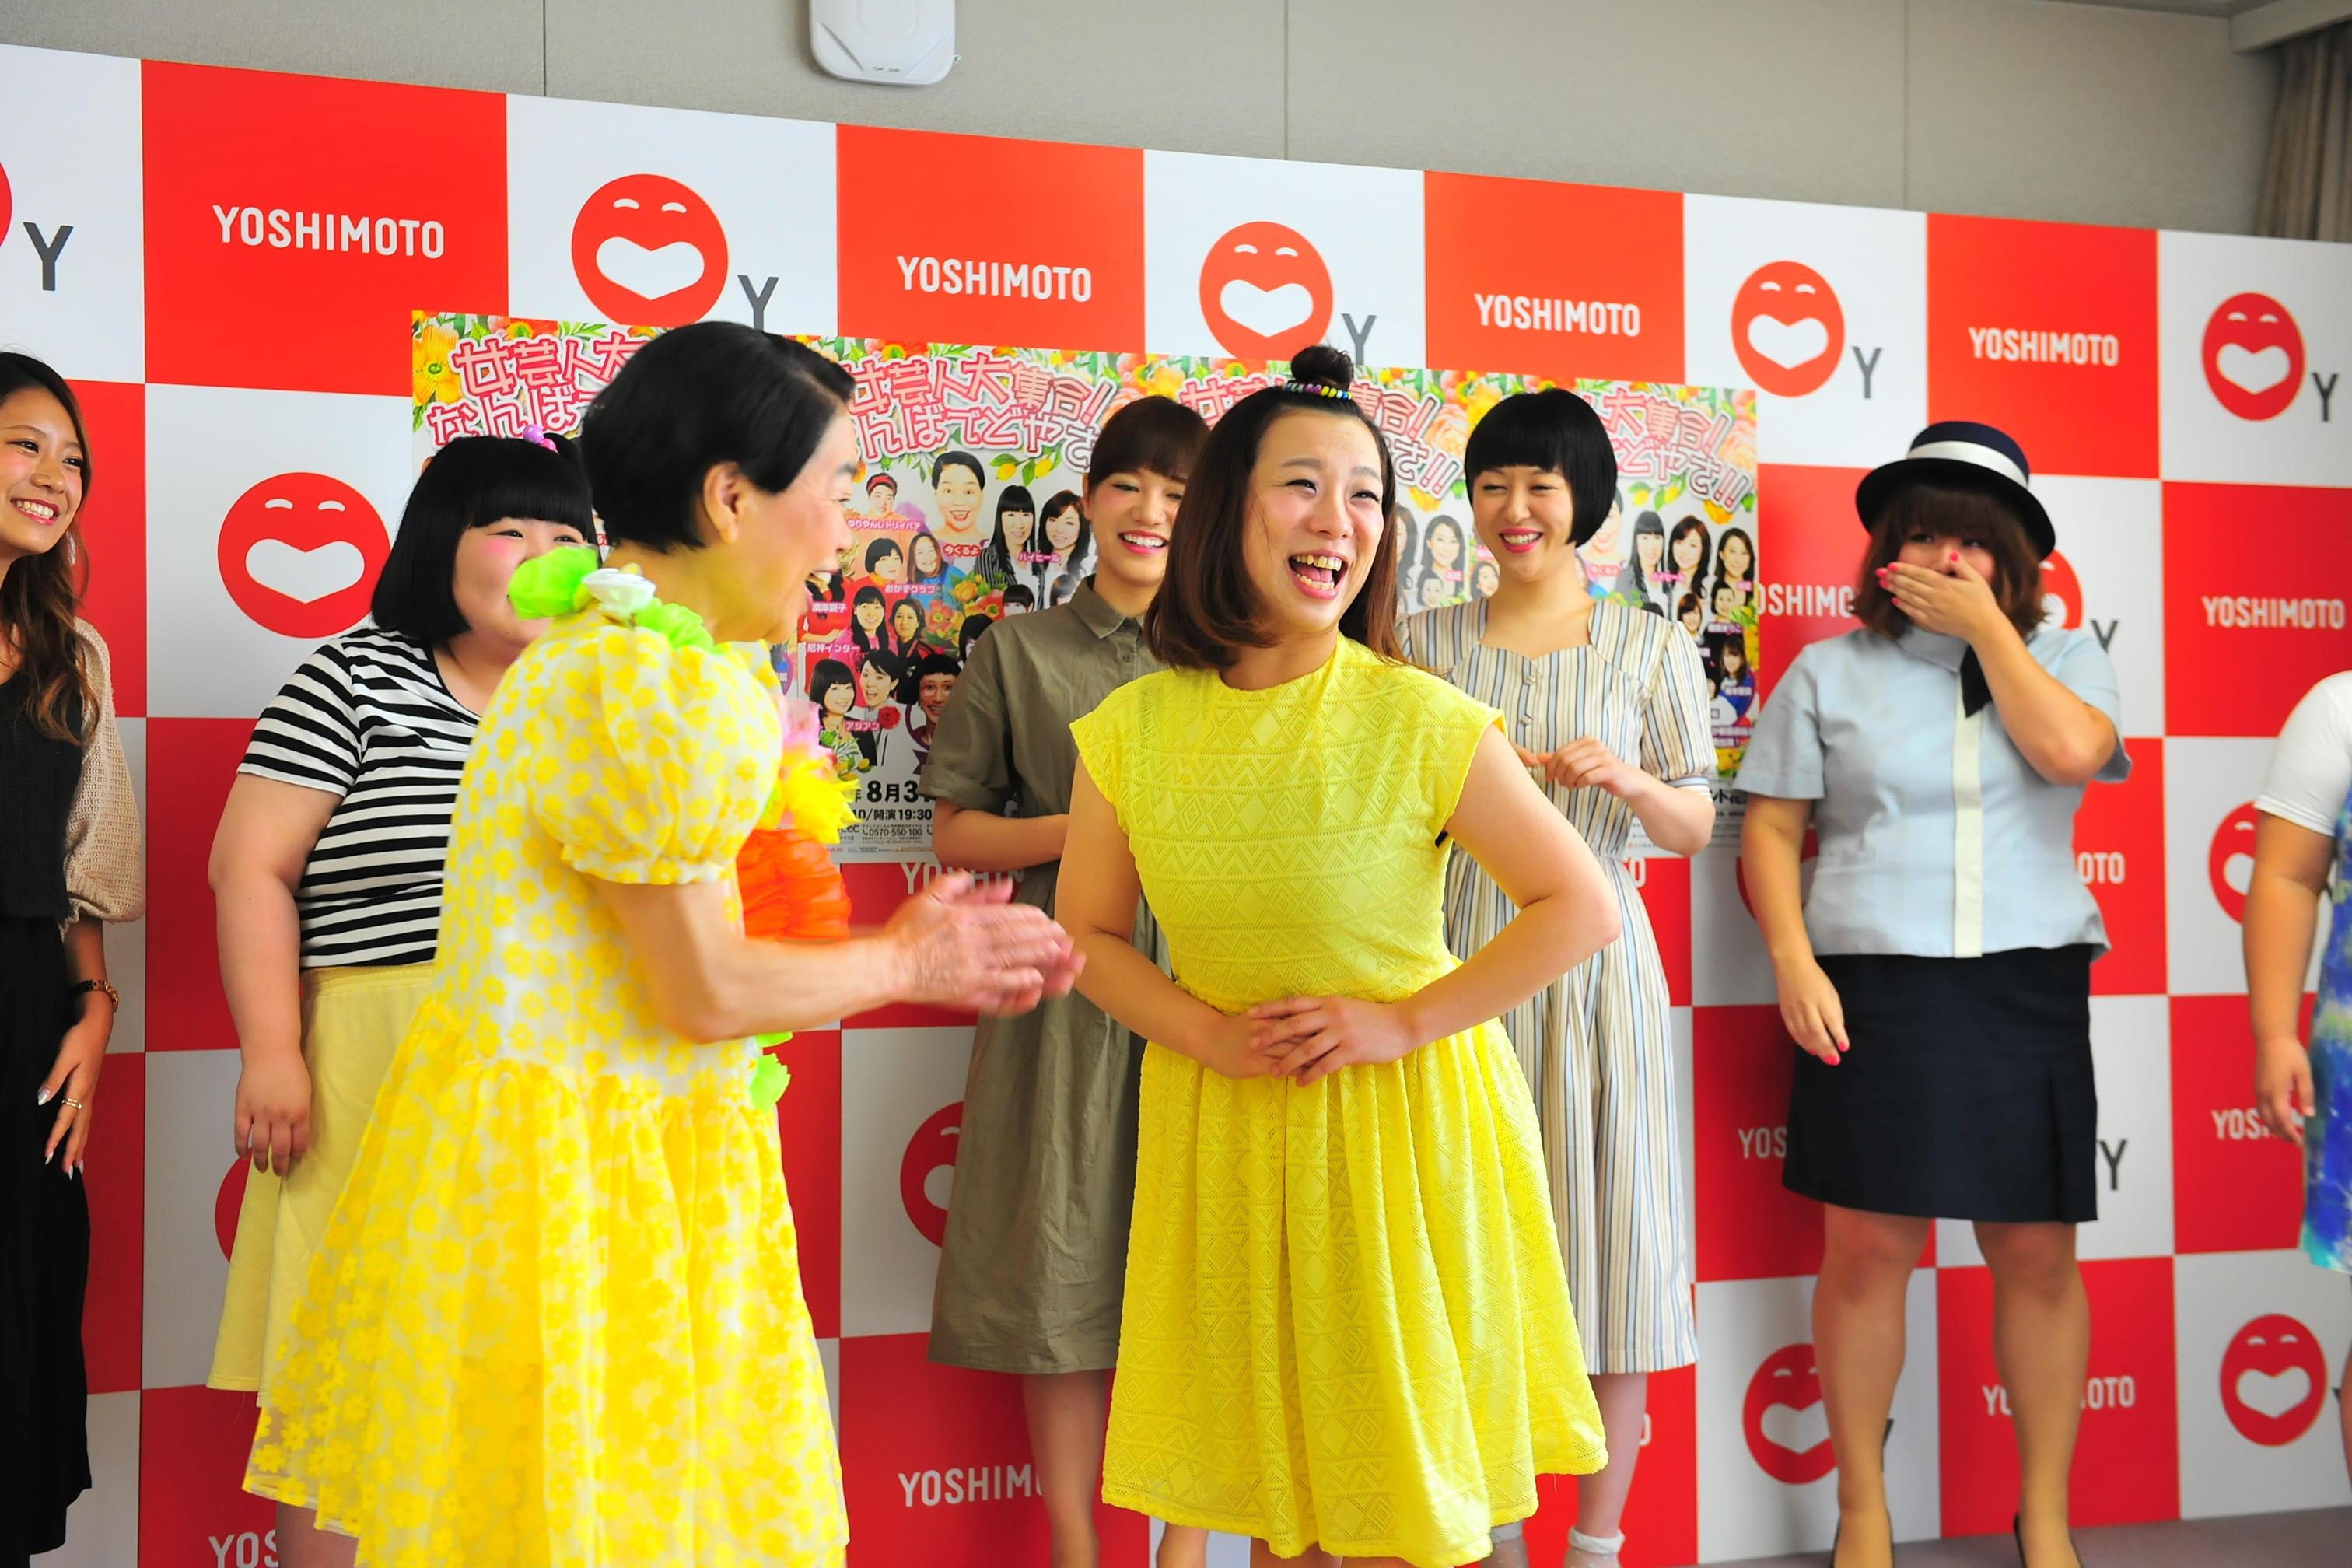 http://news.yoshimoto.co.jp/20160803125103-810bacbbccd7c2873f43d62d6a9fb32a667919fb.jpg